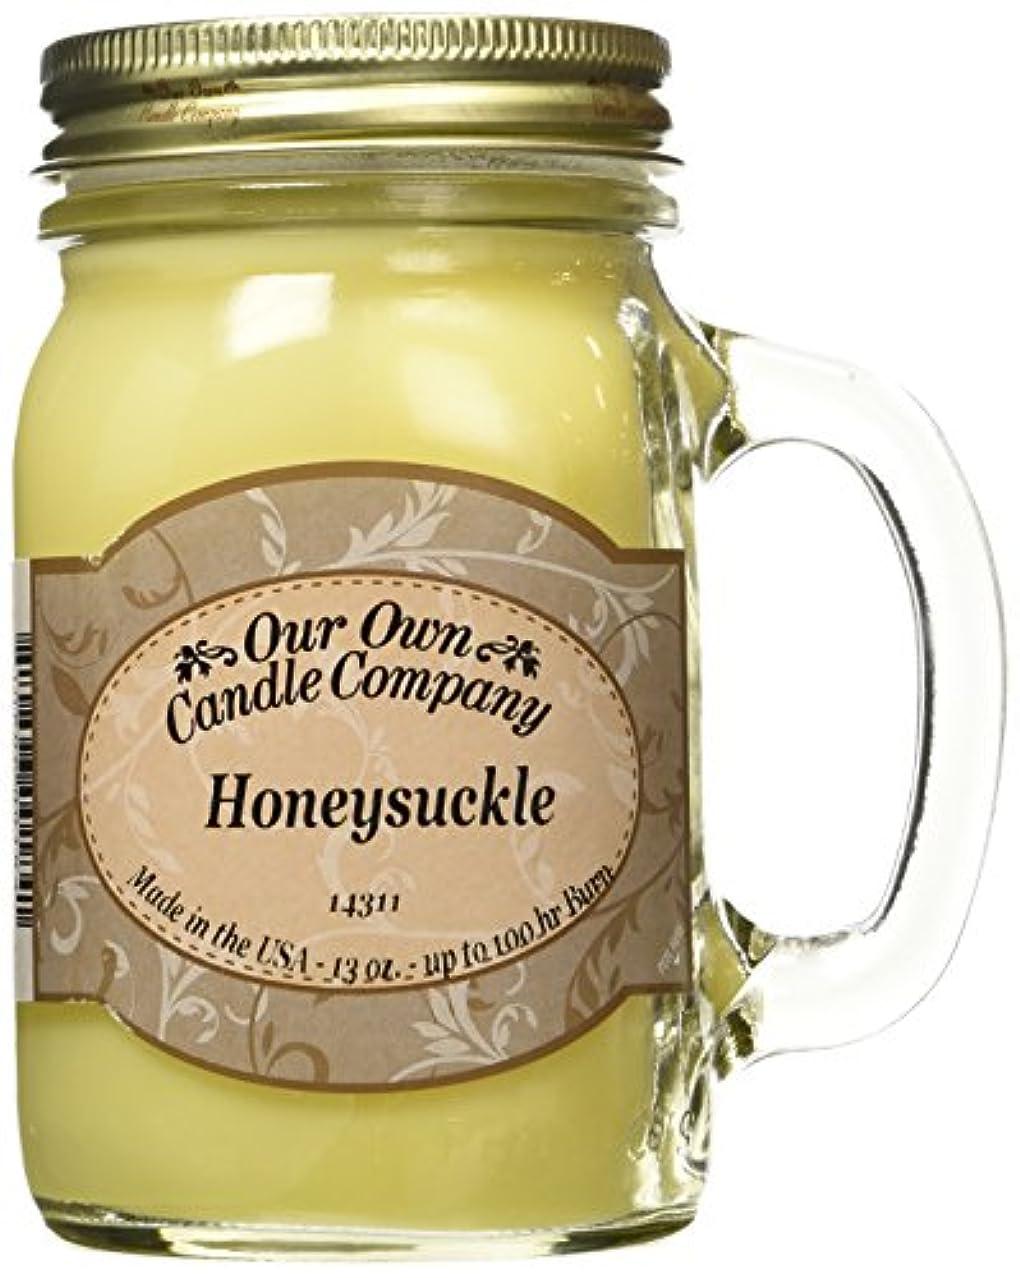 帆上に蒸気アロマキャンドル メイソンジャー ハニーサックル ビッグ Our Own Candle Company Honeysuckle big 日本未発売フレグランス